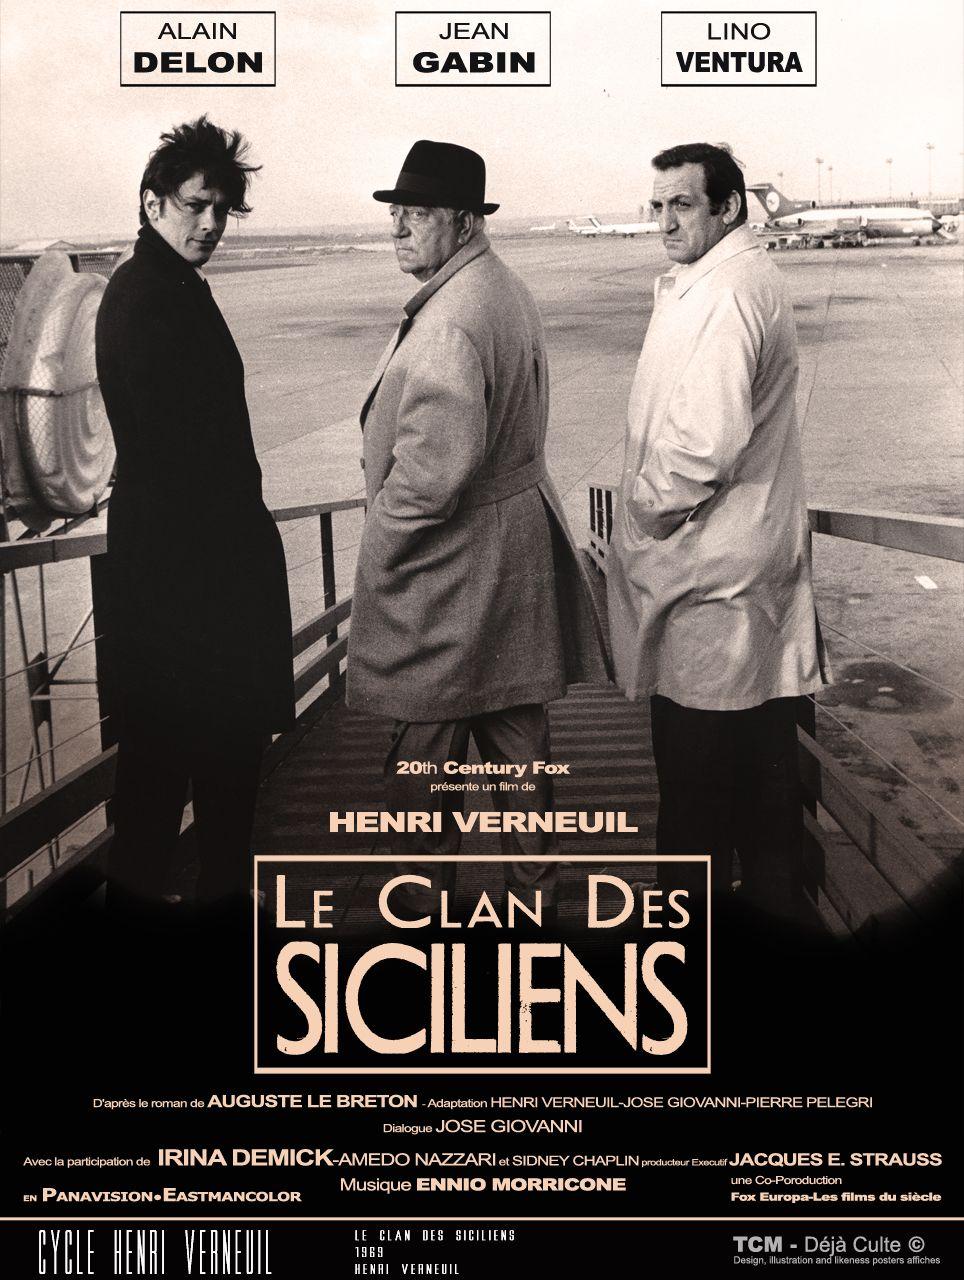 Αποτέλεσμα εικόνας για le clan de siciliens